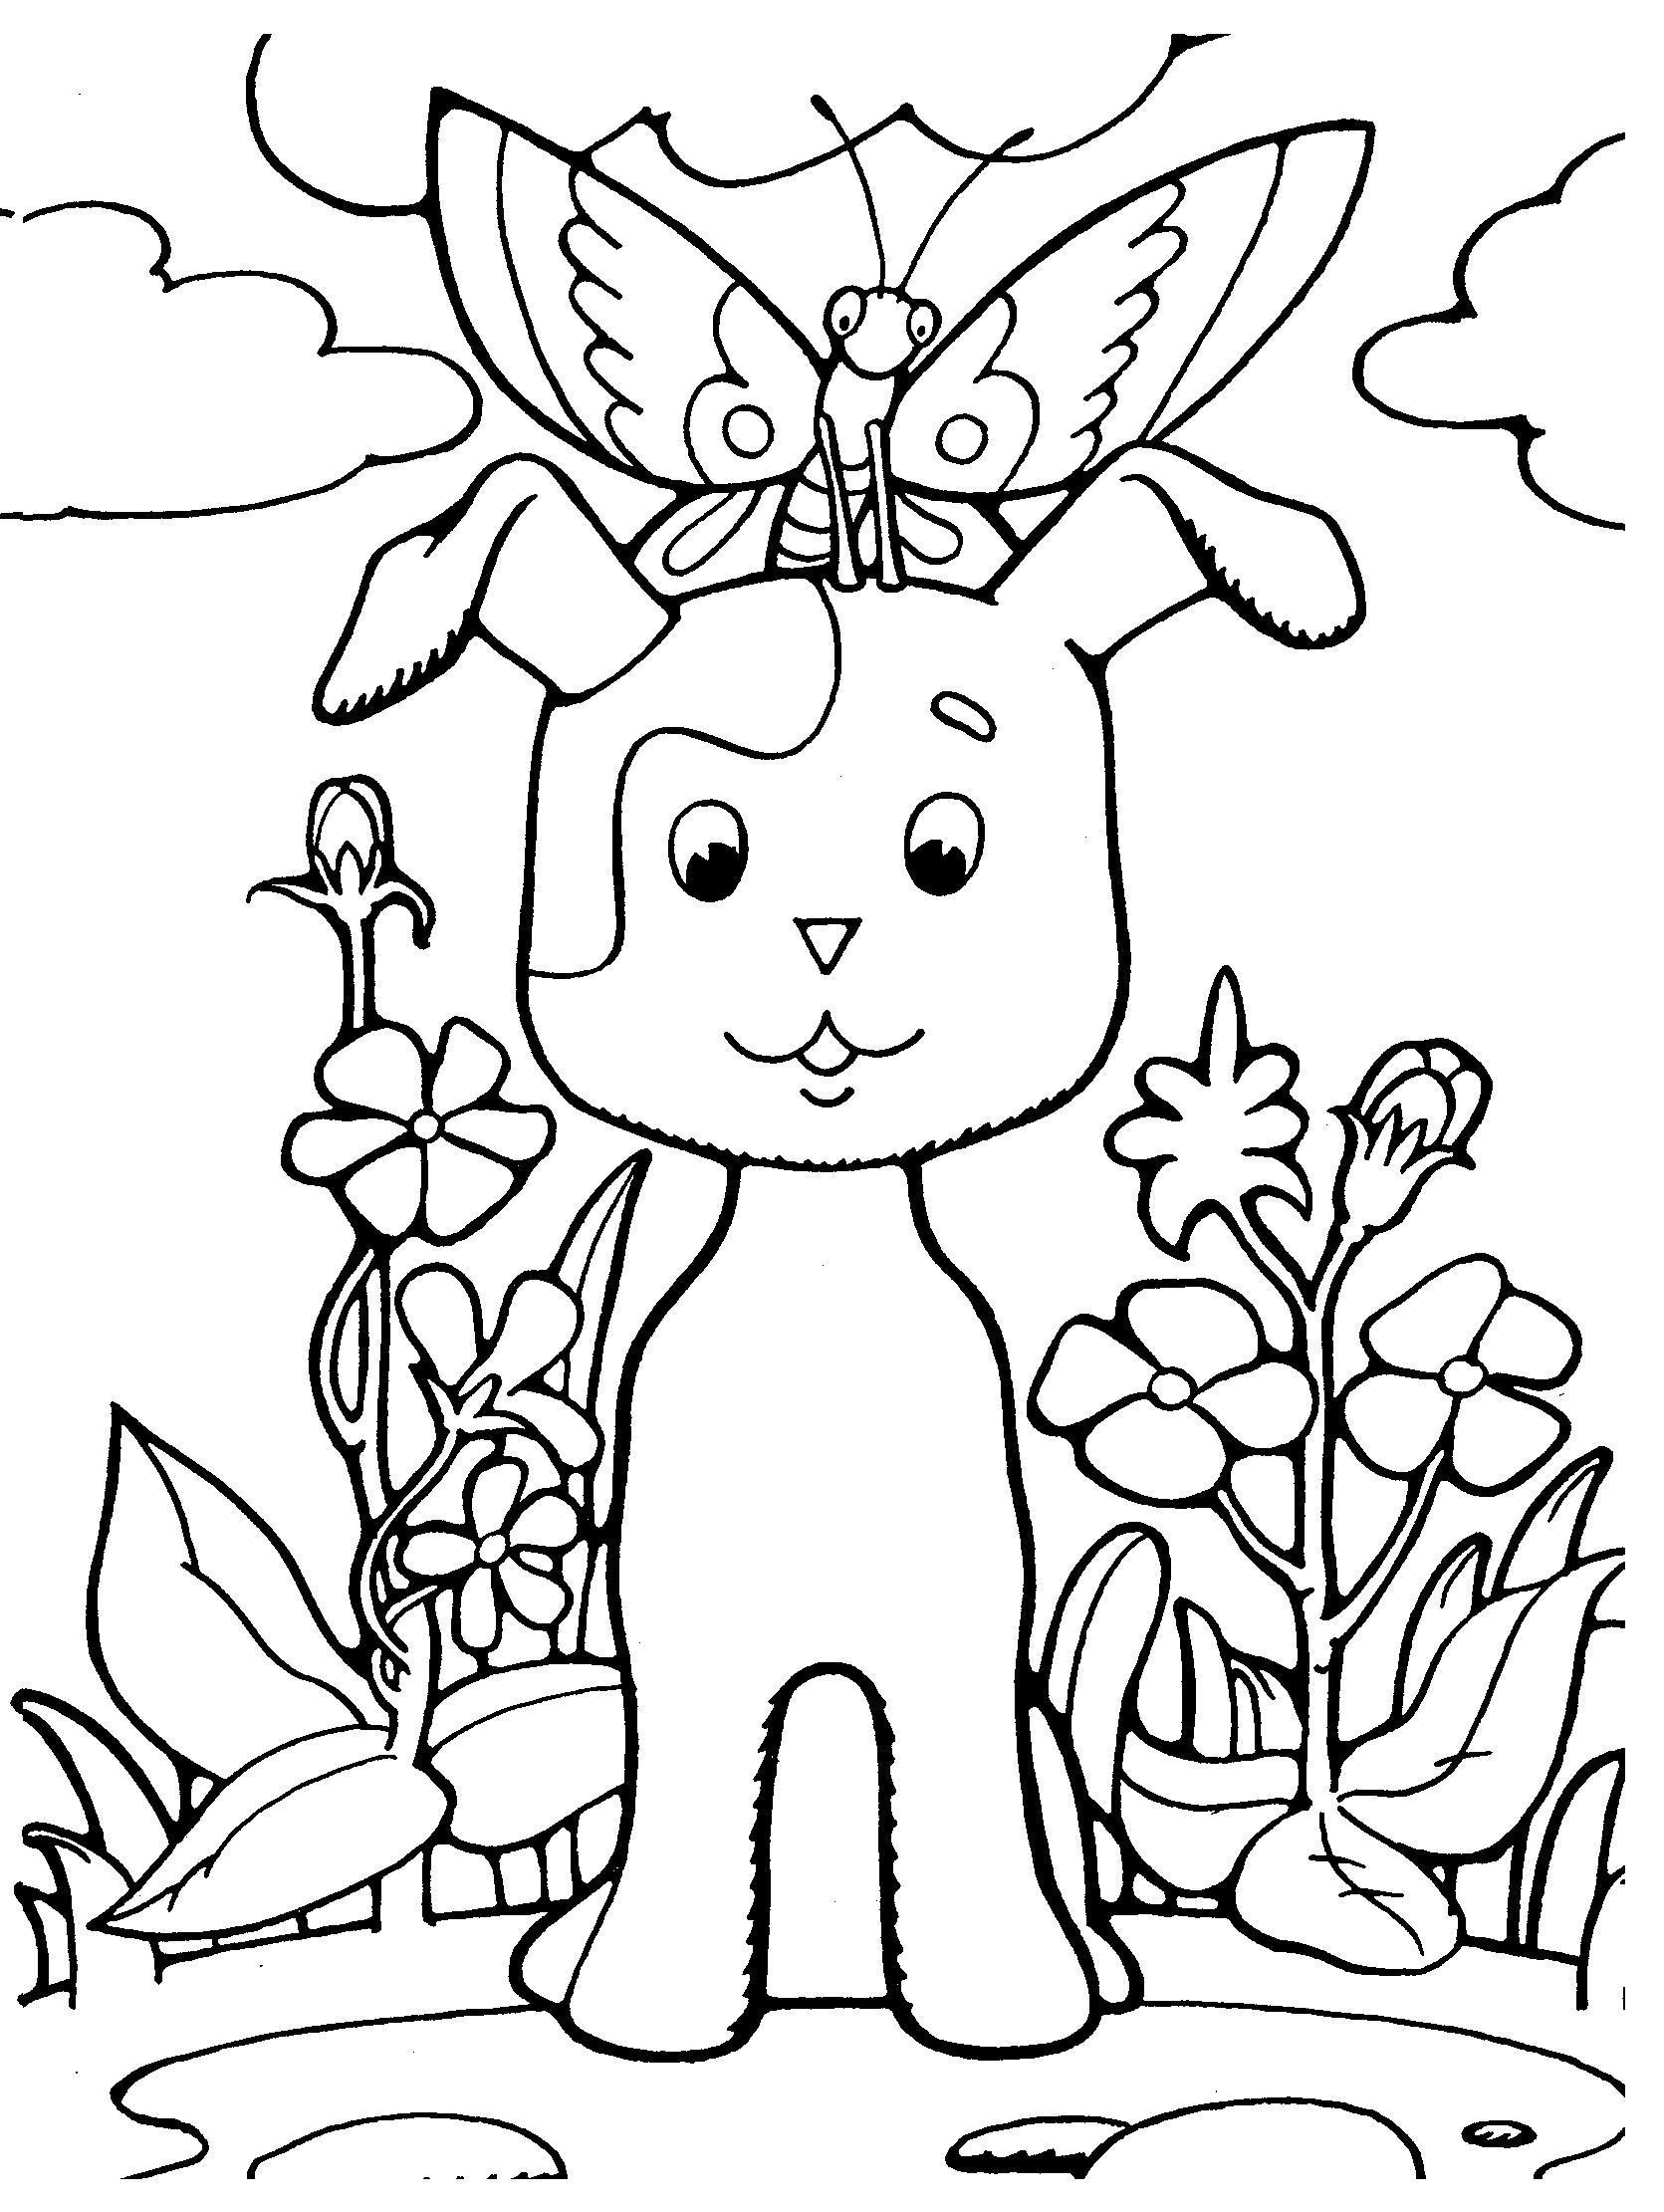 Щенок из мультфильма котенок по имени гав Раскраски для девочек бесплатно